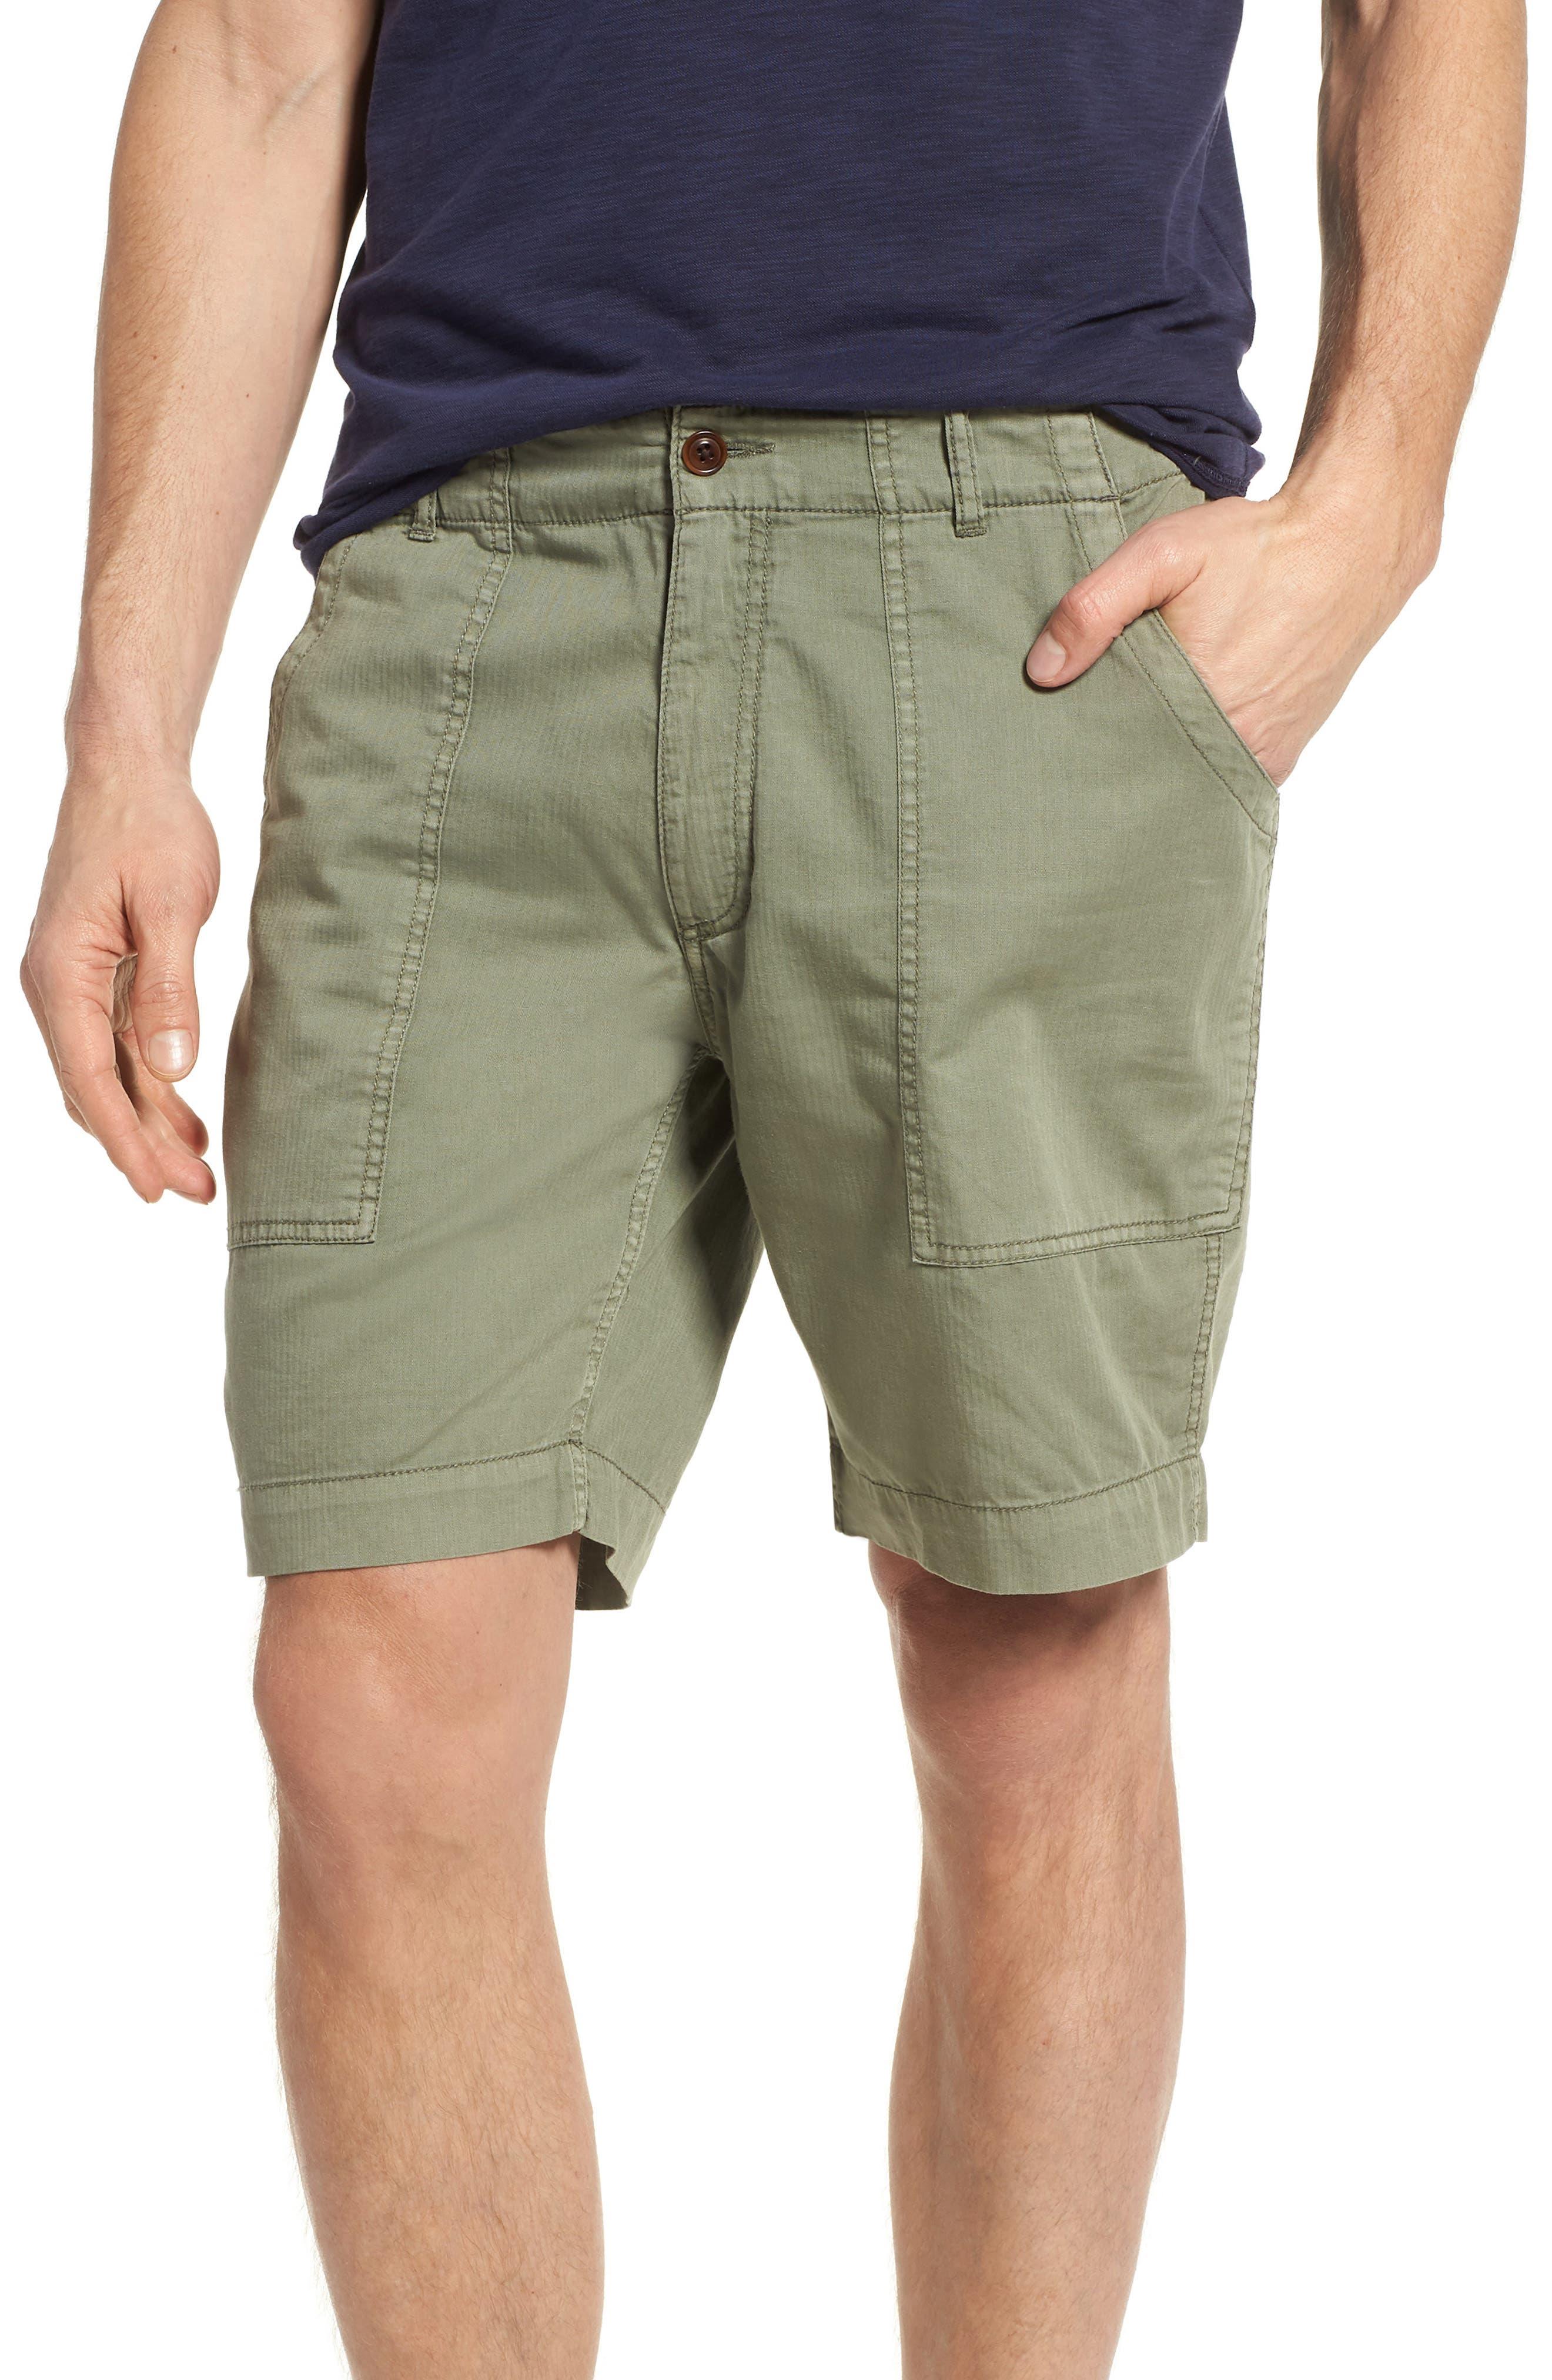 Radar Camp Shorts,                             Main thumbnail 1, color,                             Olive